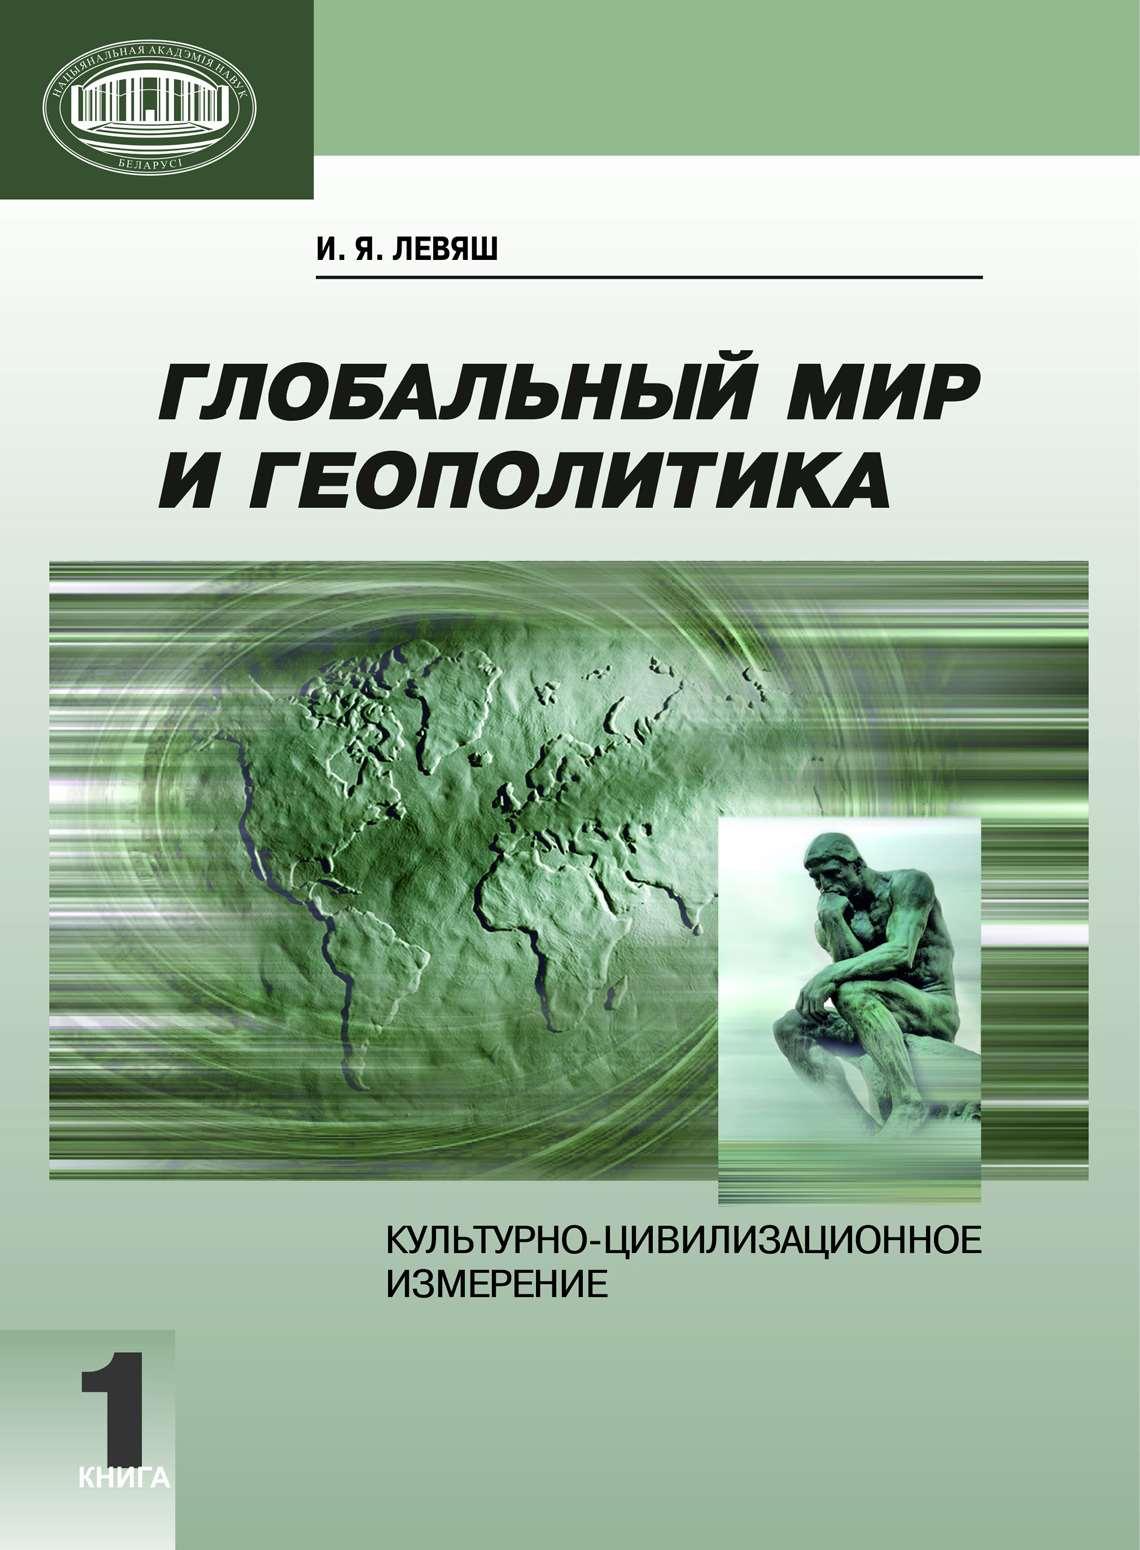 И. Я. Левяш Глобальный мир и геополитика. Культурно-цивилизационное измерение. Книга 1 цены онлайн